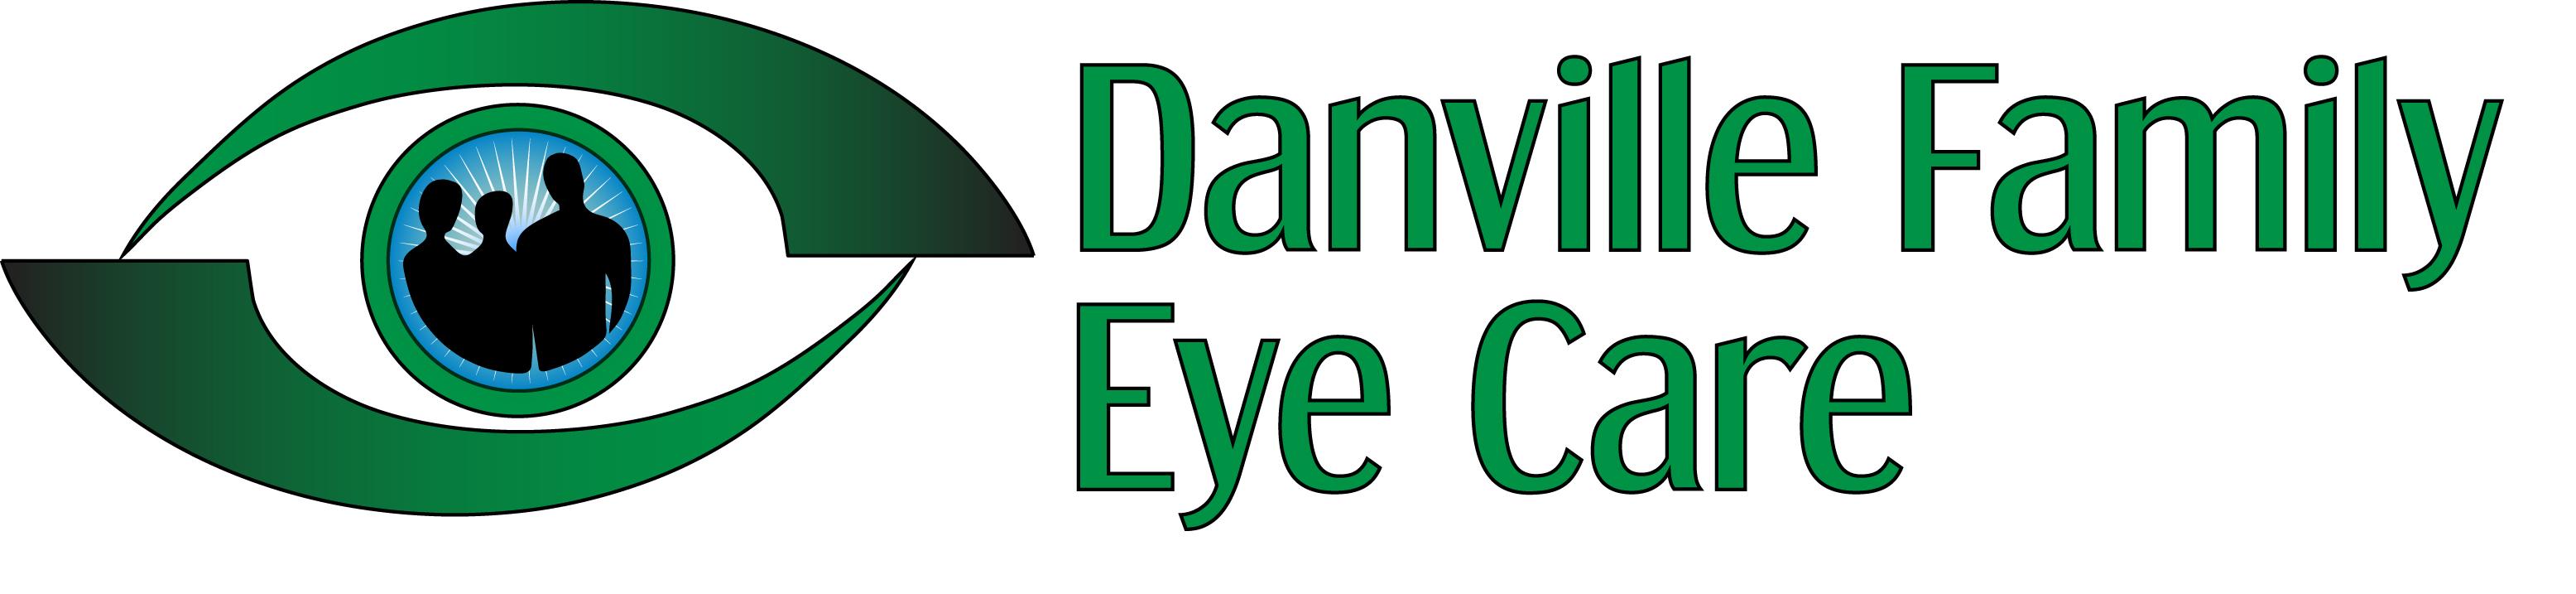 Danville Family Eye Care